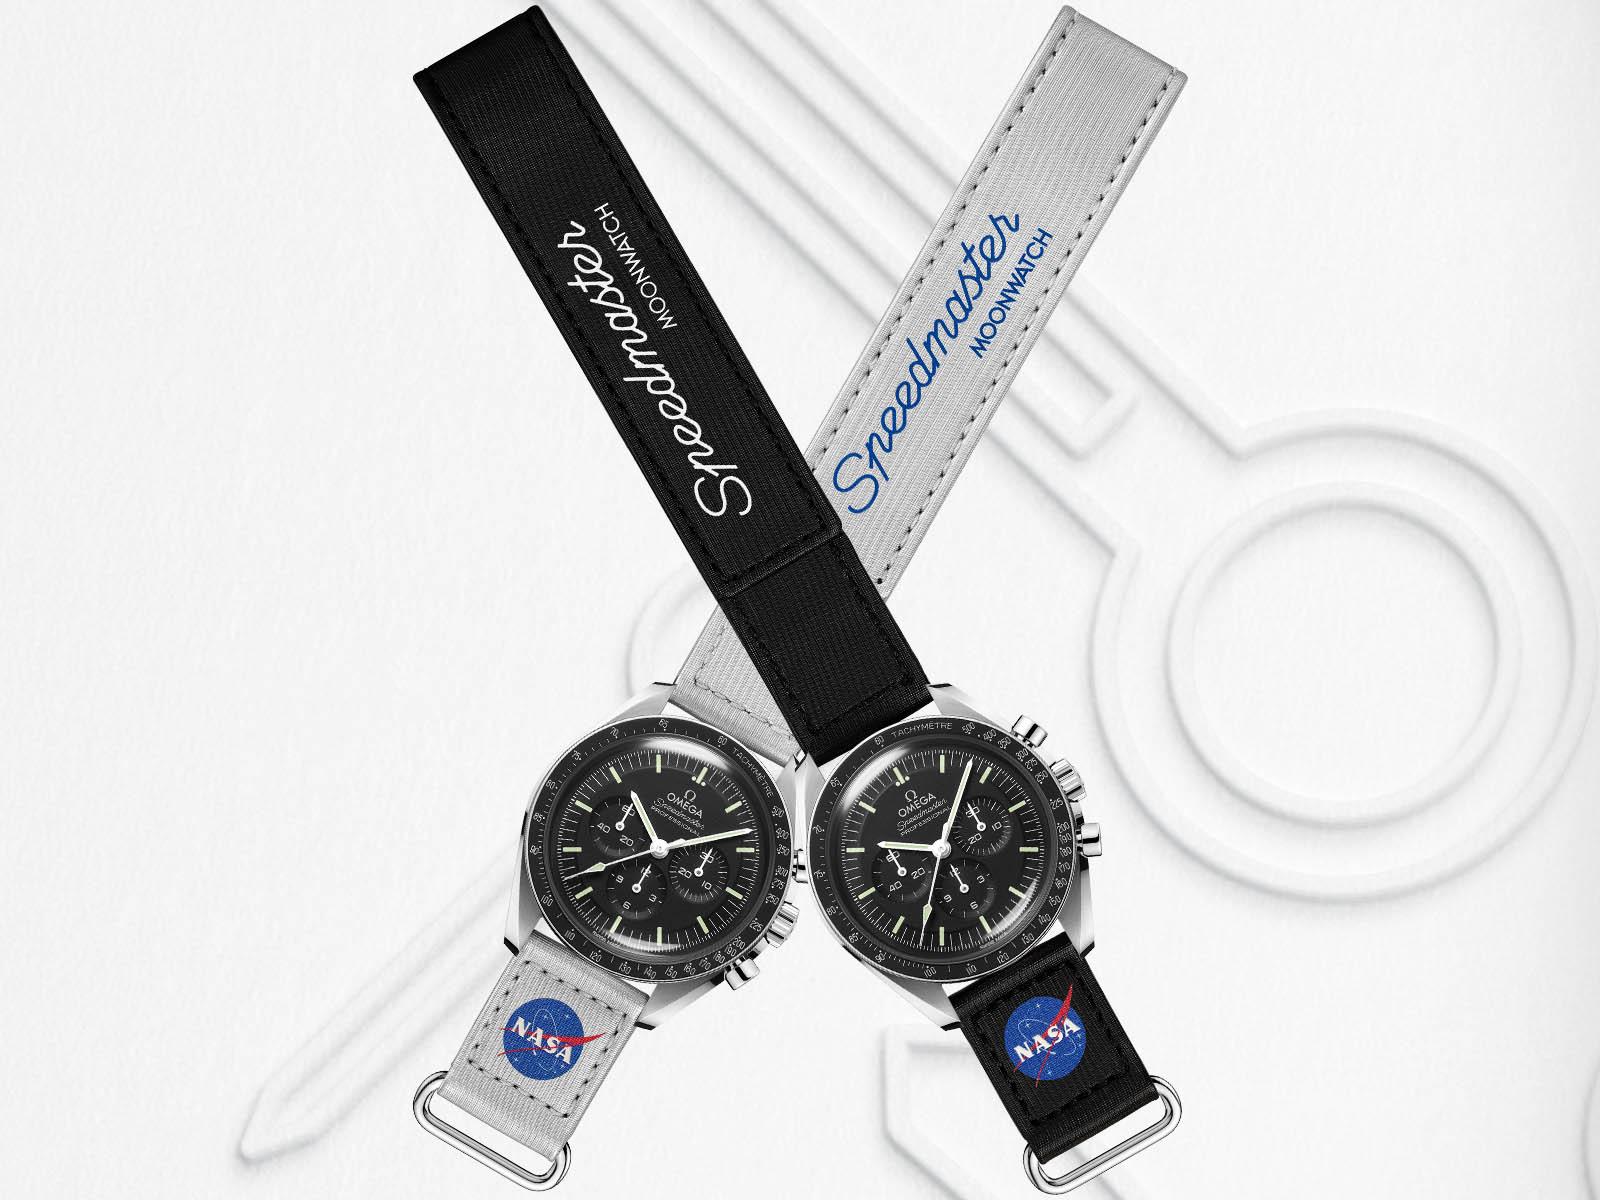 omega-speedmaster-moonwatch-velcro-straps-4.jpg